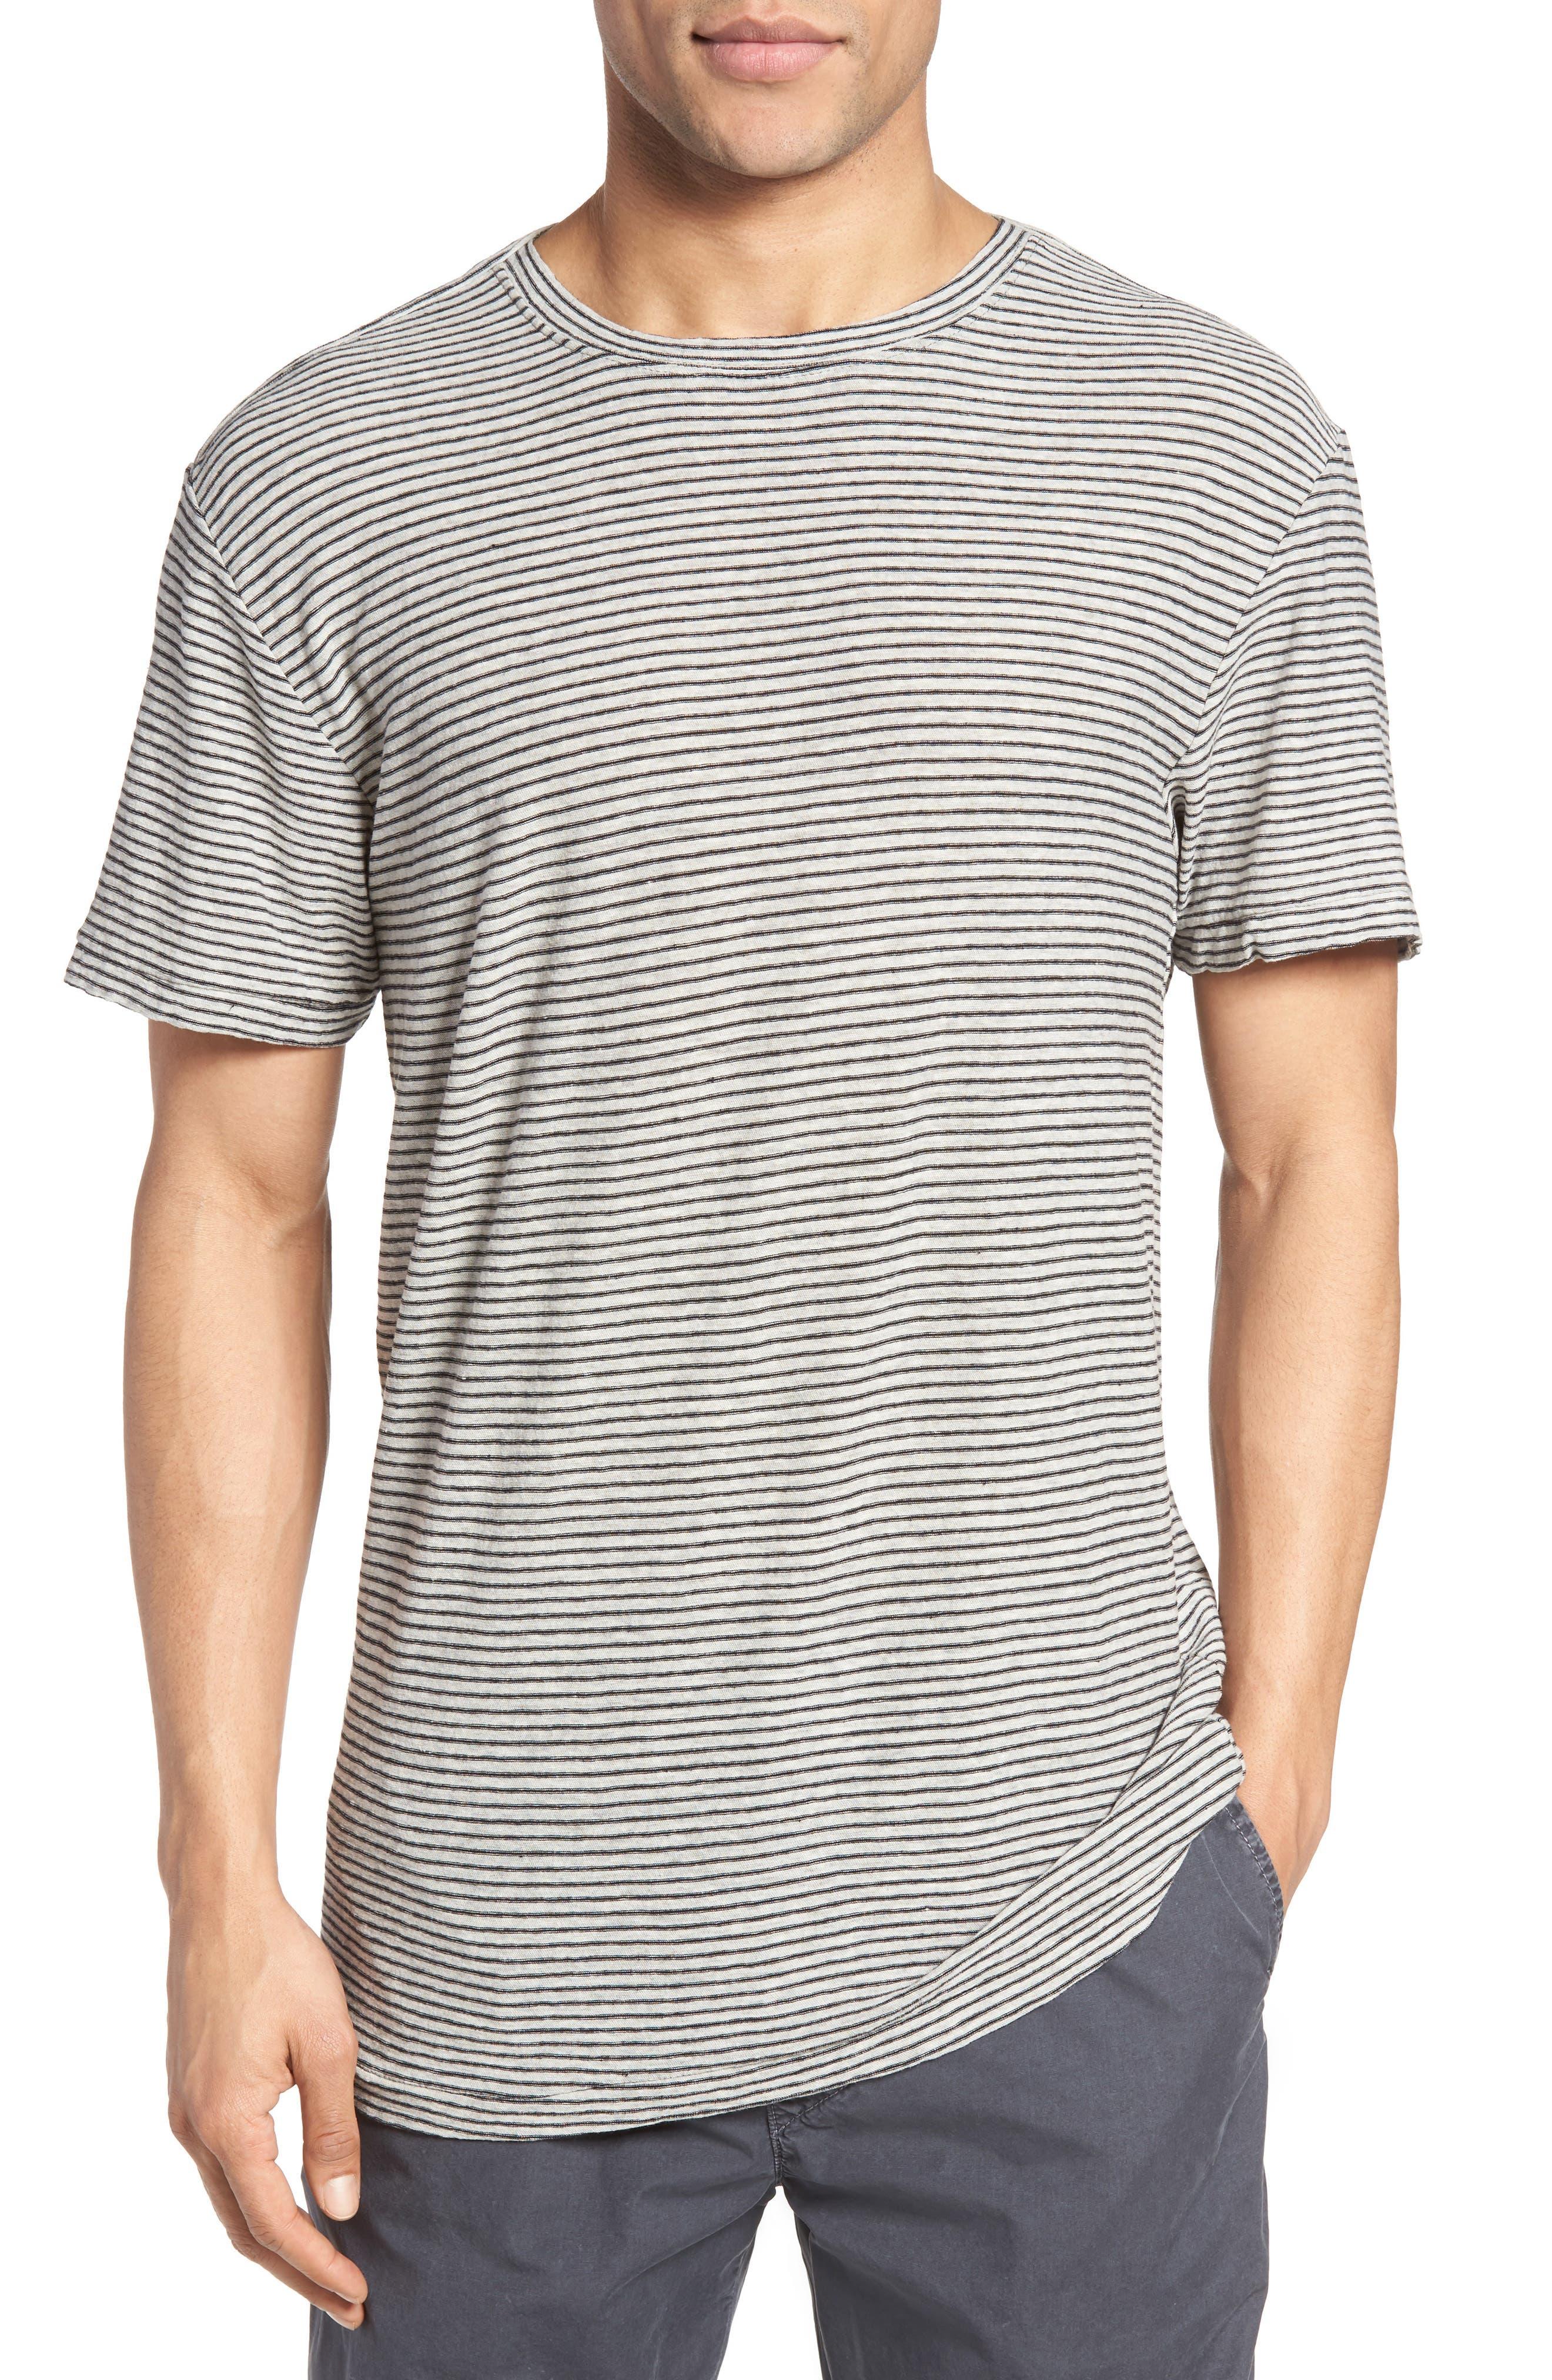 CURRENT/ELLIOTT Drop Shoulder T-Shirt